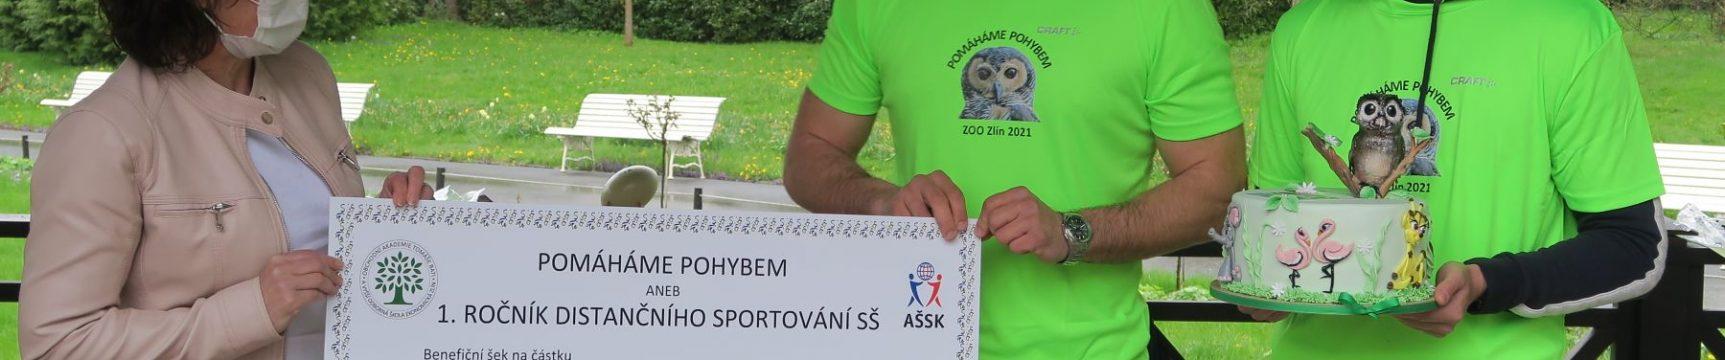 Pomáháme pohybem aneb 1. ročník Distančního sportování středních škol přinesl pro Zoo Zlín sponzorský dar 52 000 Kč